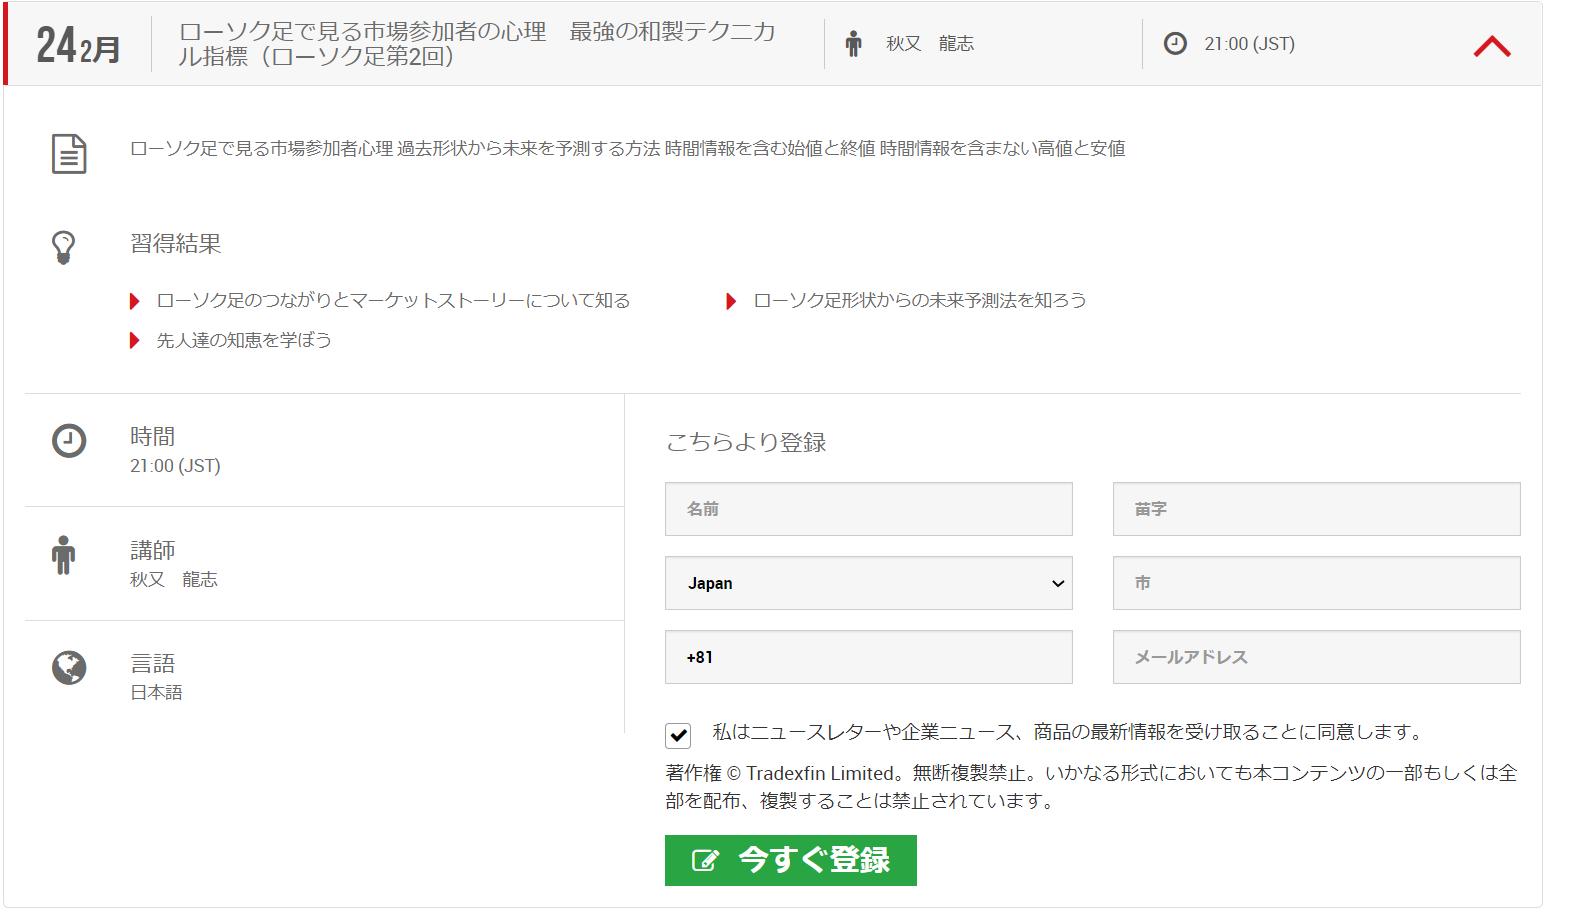 ウェビナー申込画面